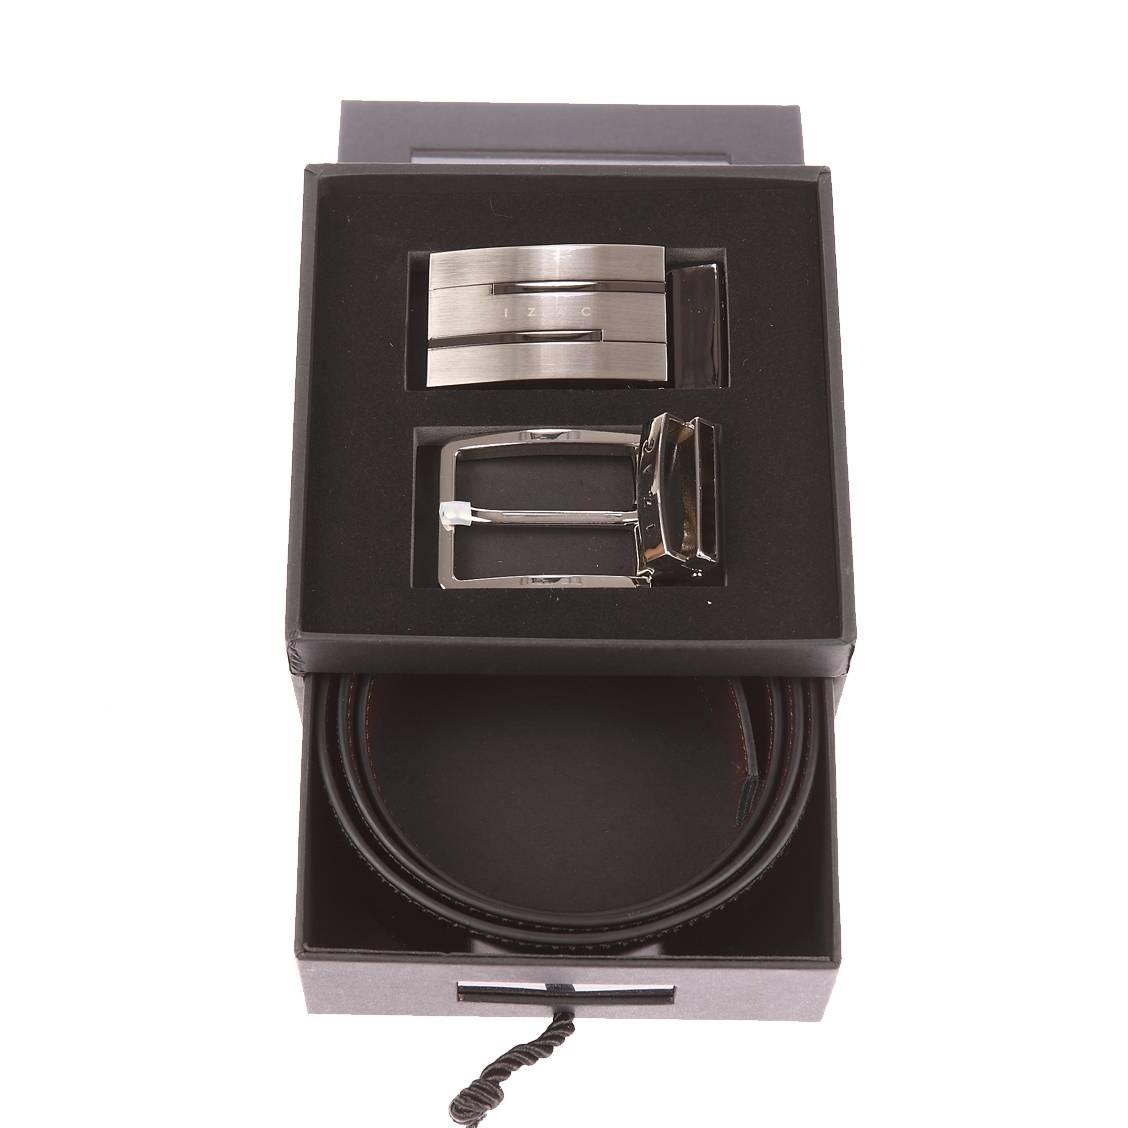 ... Coffret ceinture Izac ceinture ajustable en cuir noir reversible marron  1 boucle classique argentee 1 boucle cea6b552231